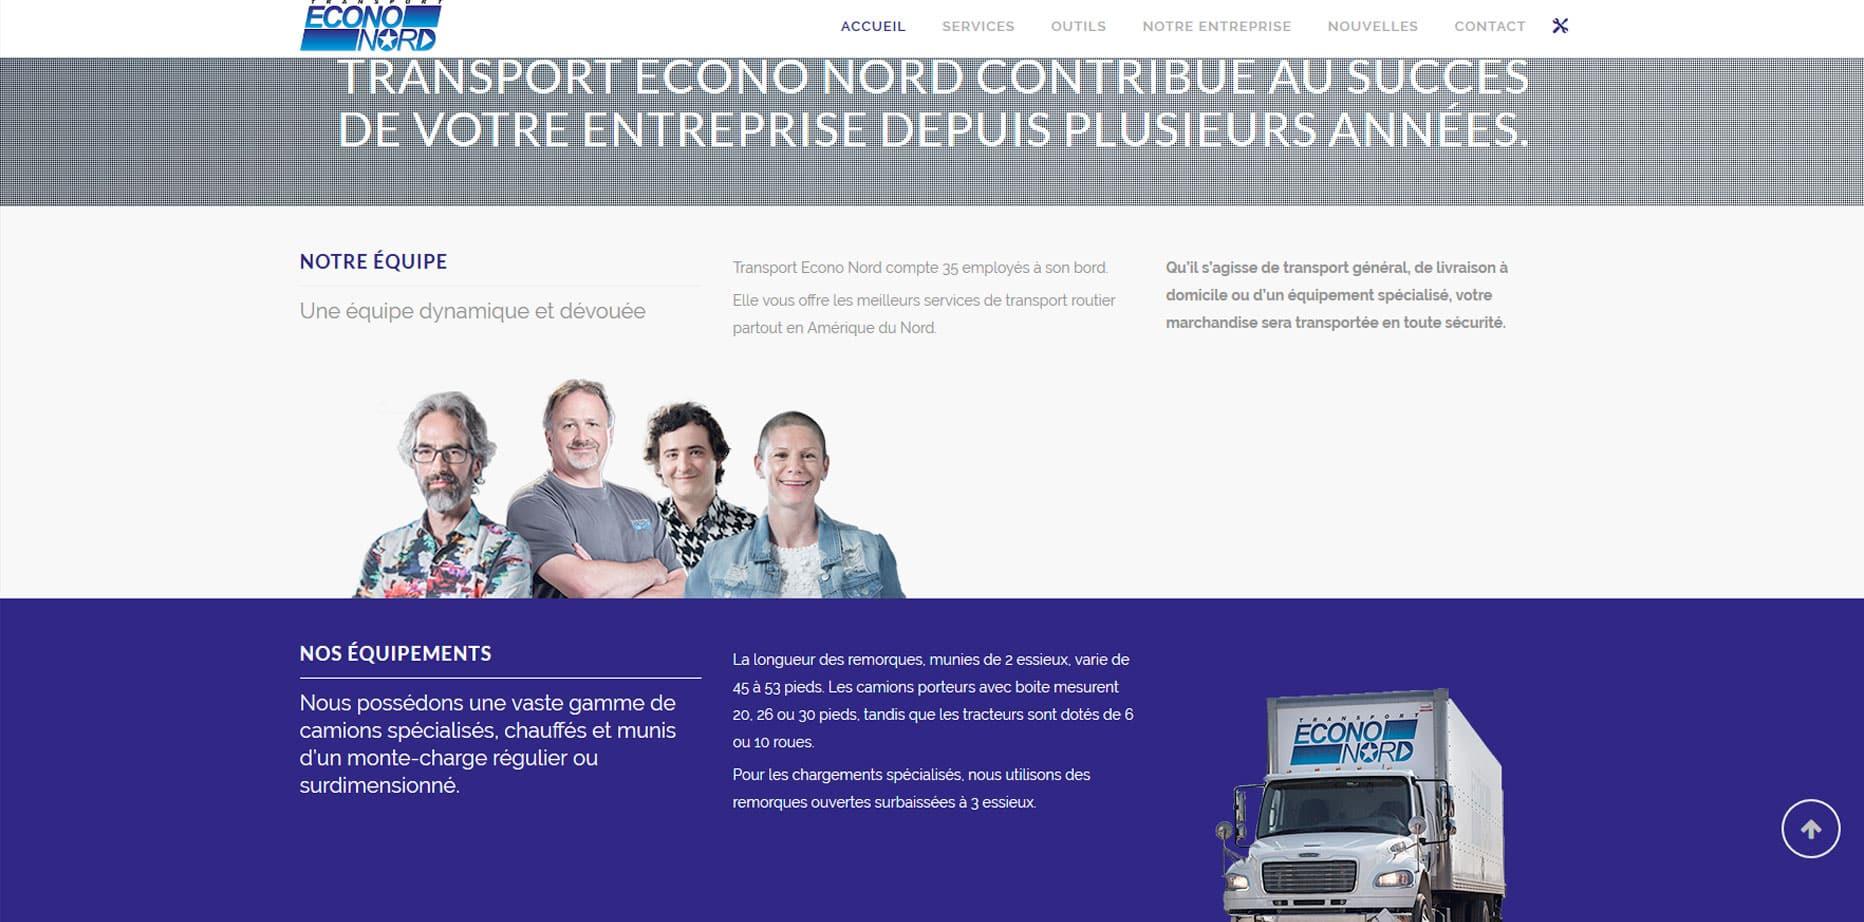 econo-nord-8